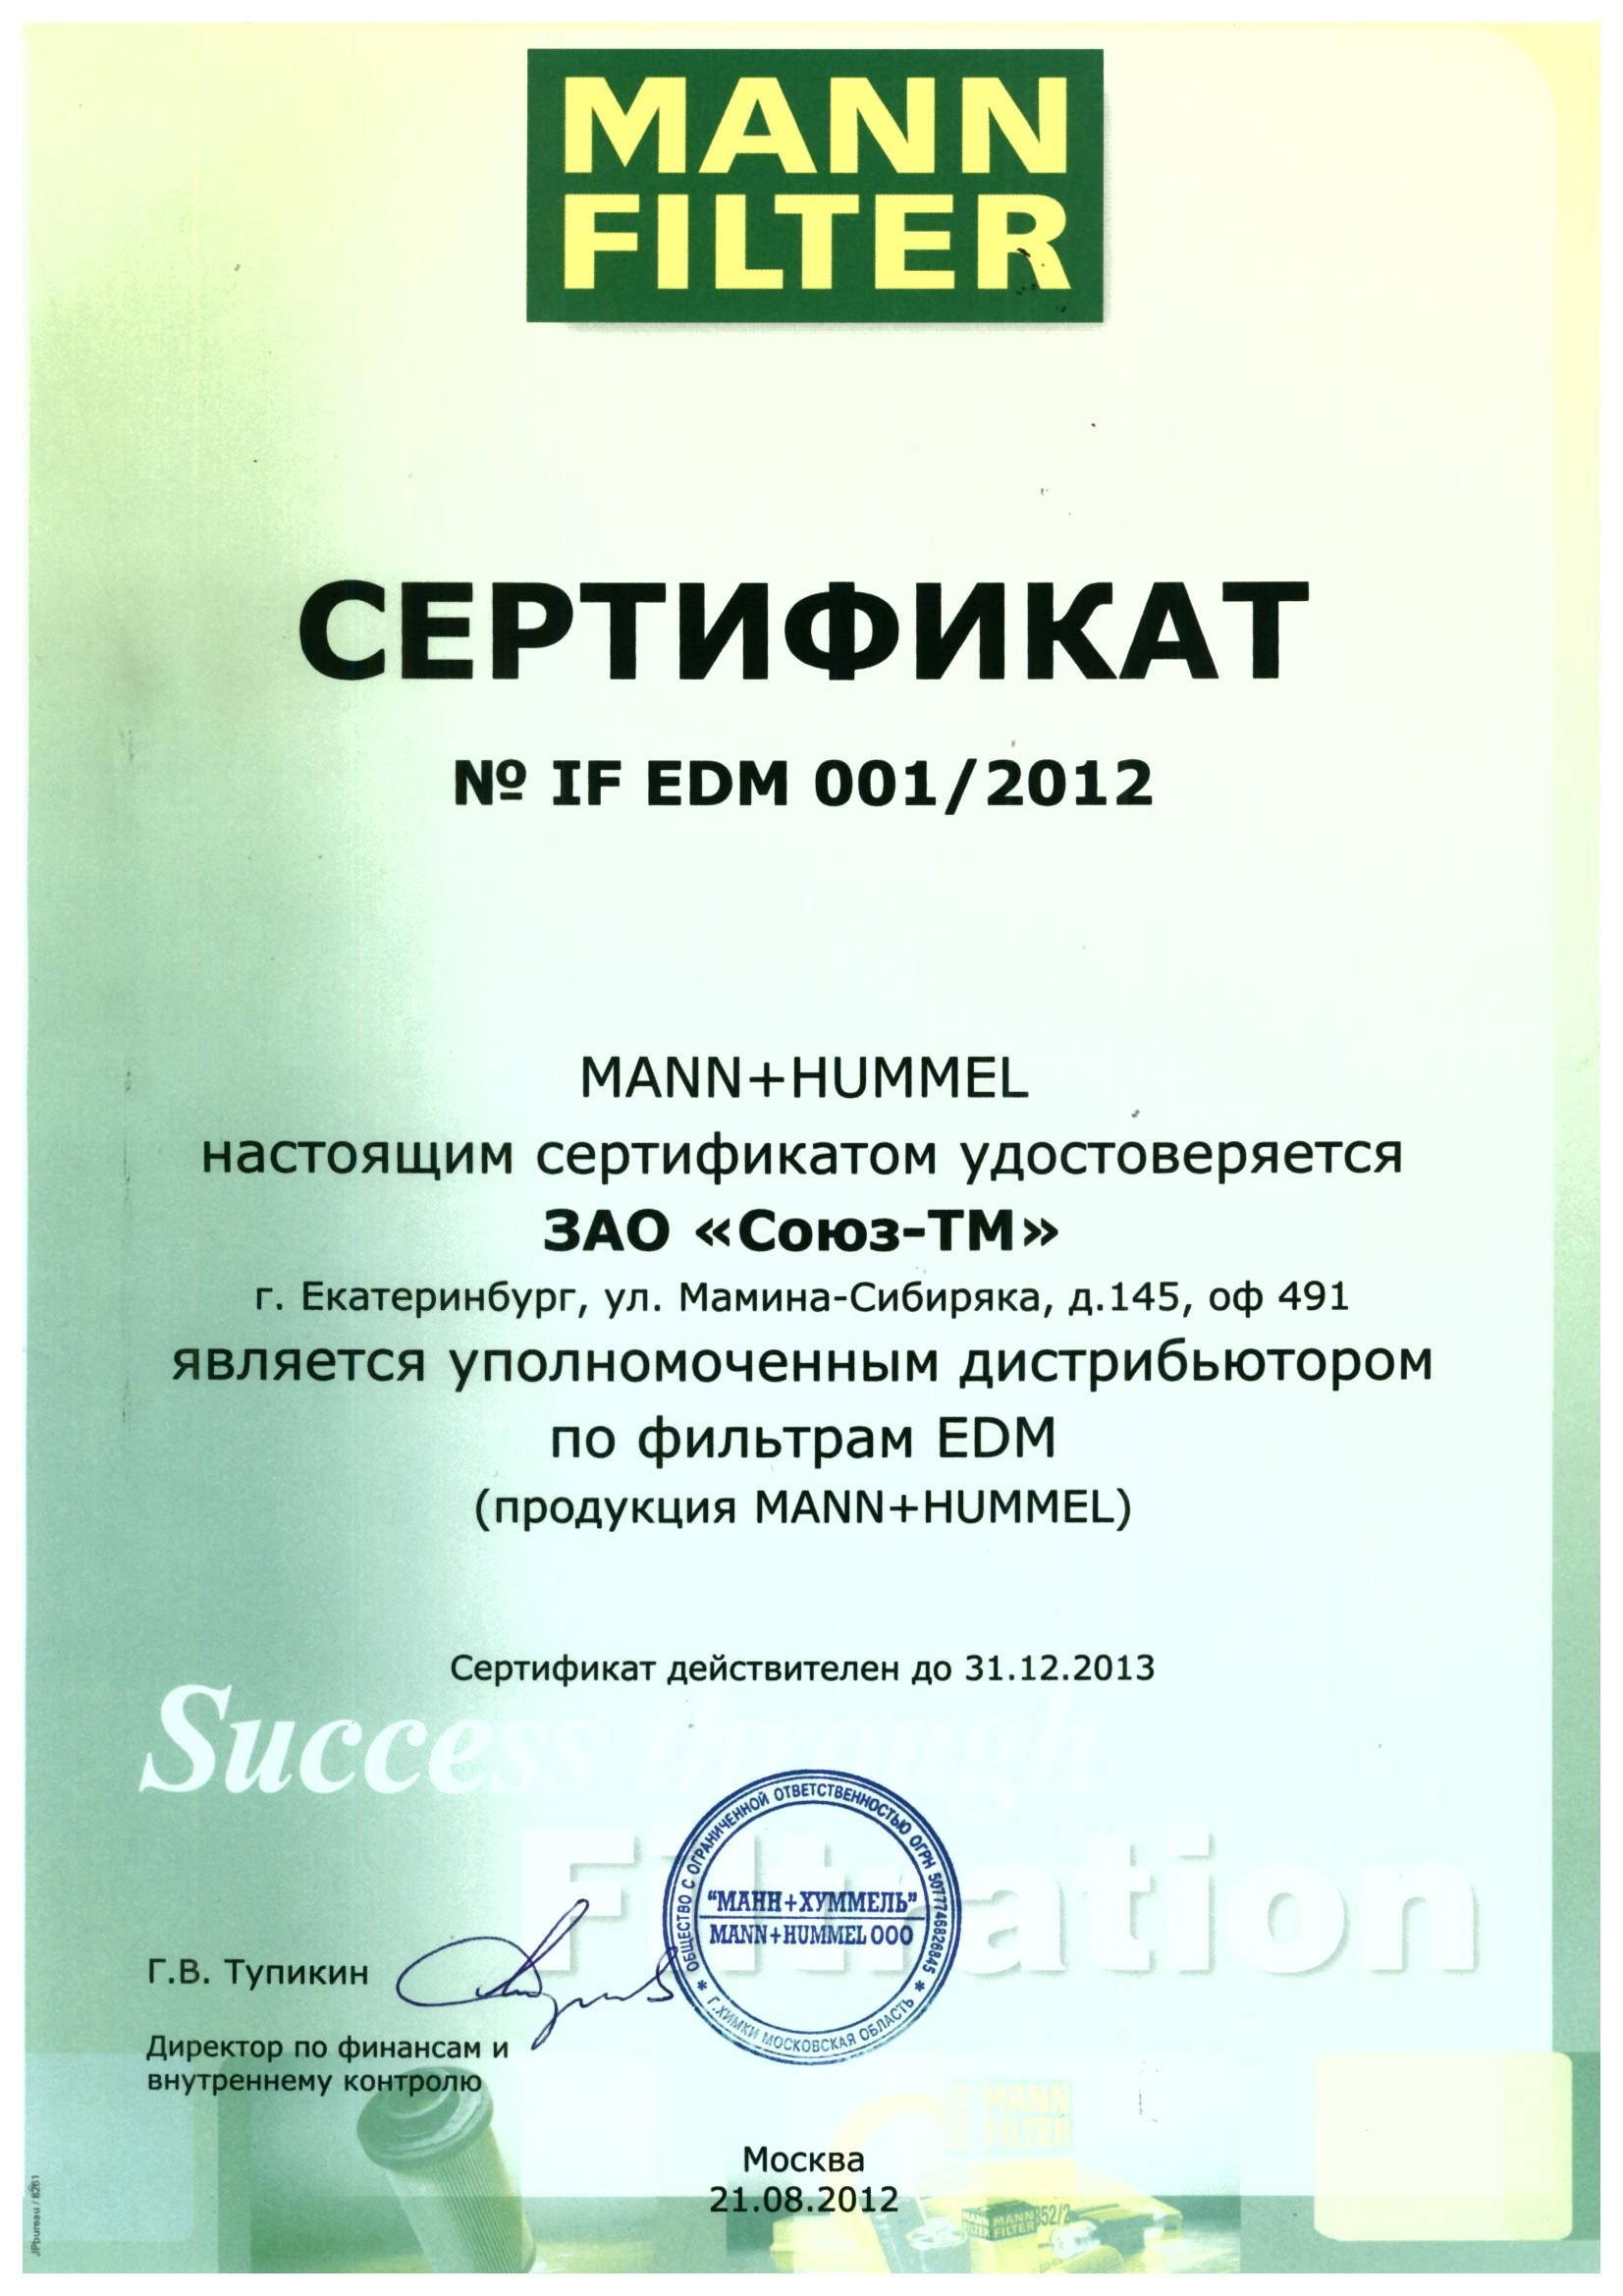 Сертификат фильтров Mann